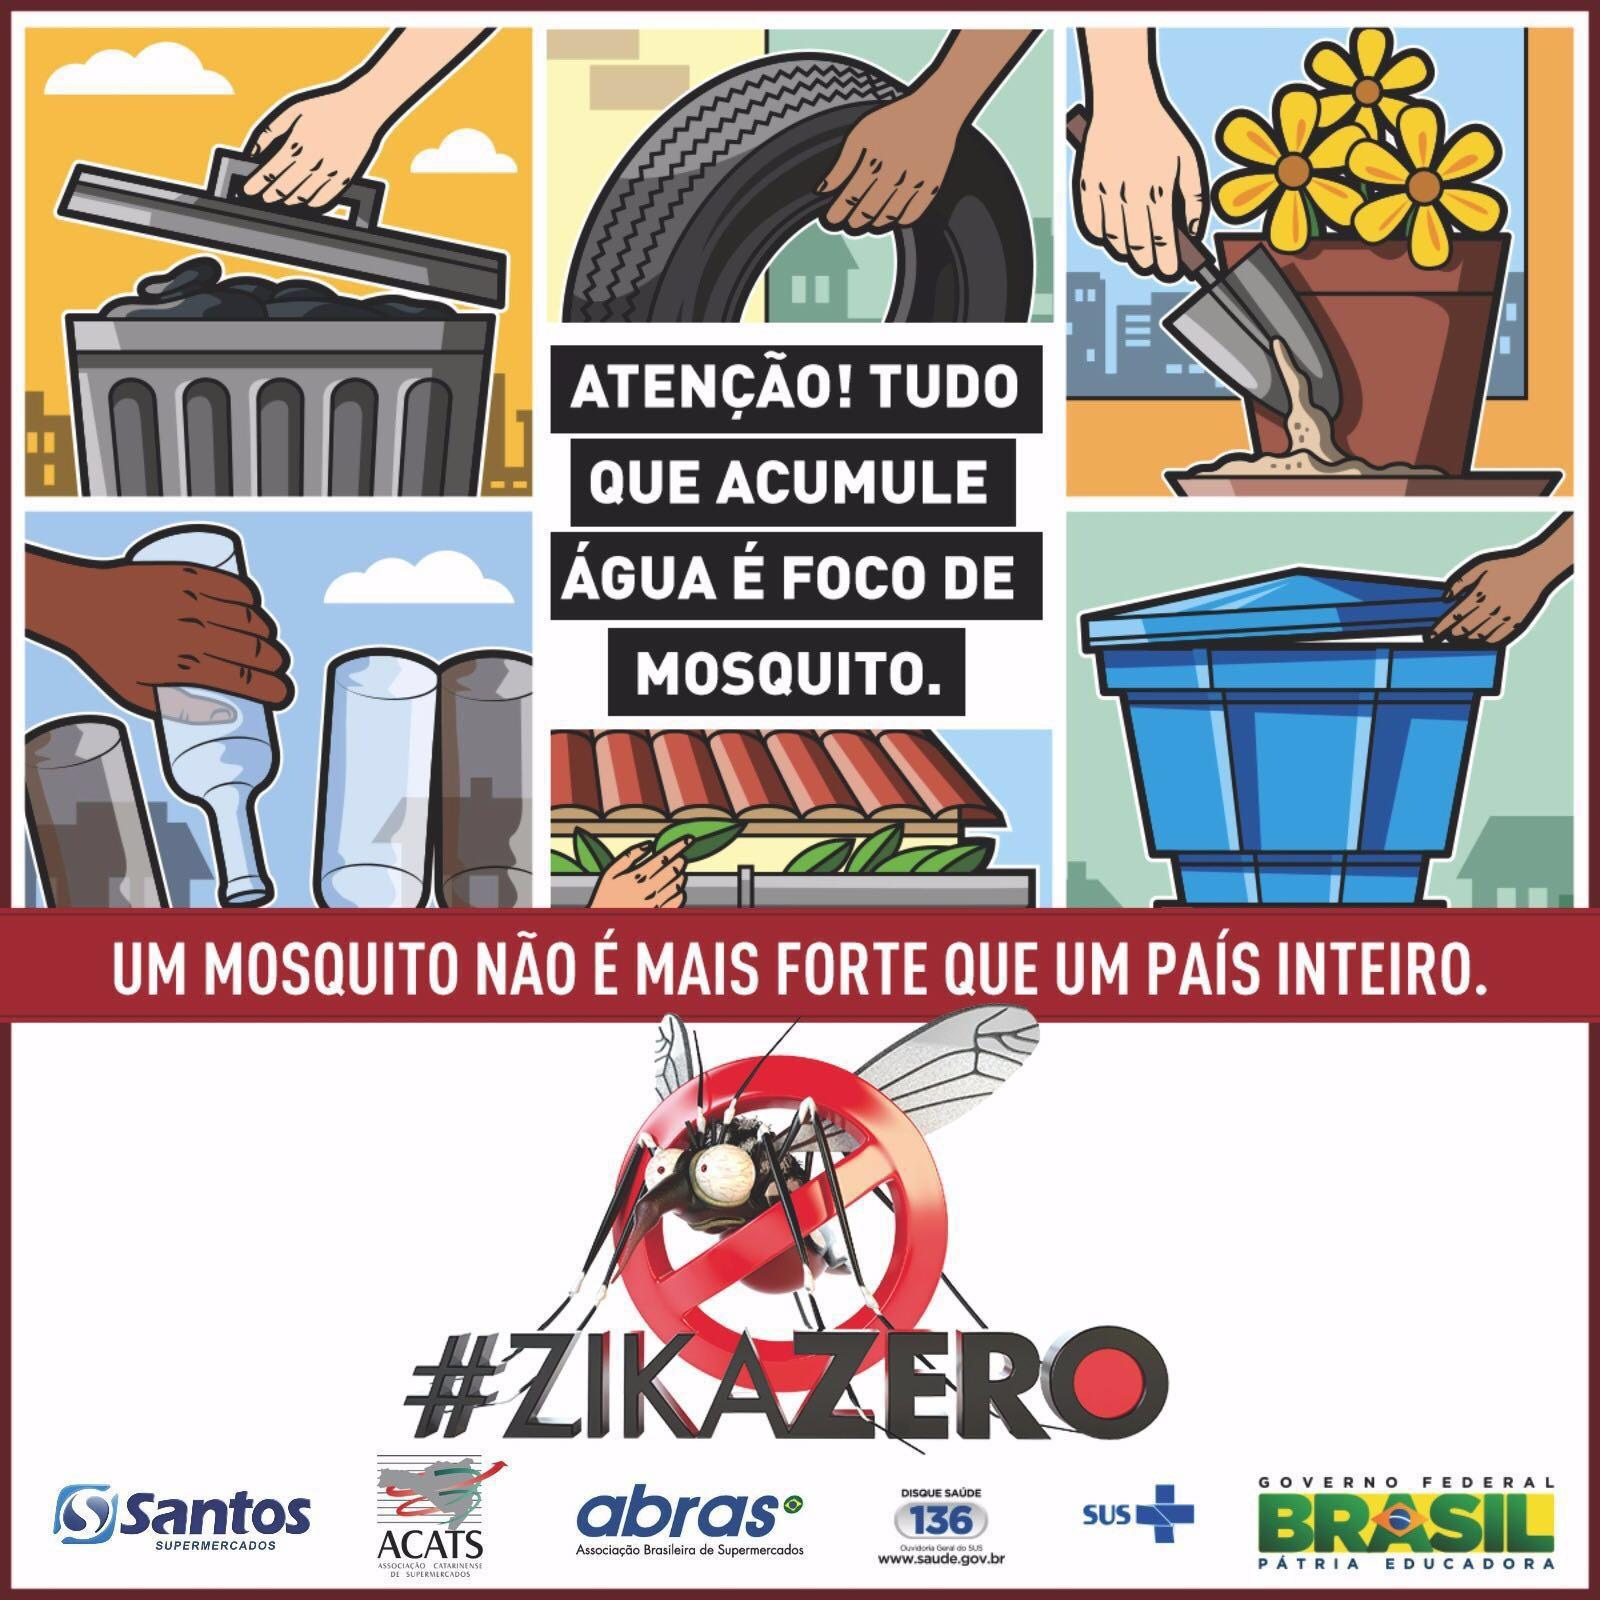 be48519c49d30 O governo federal promove amanhã (13) o Dia Nacional de Mobilização para o  Combate ao Aedes aegypti. O objetivo é incentivar a sociedade a ajudar na  ...